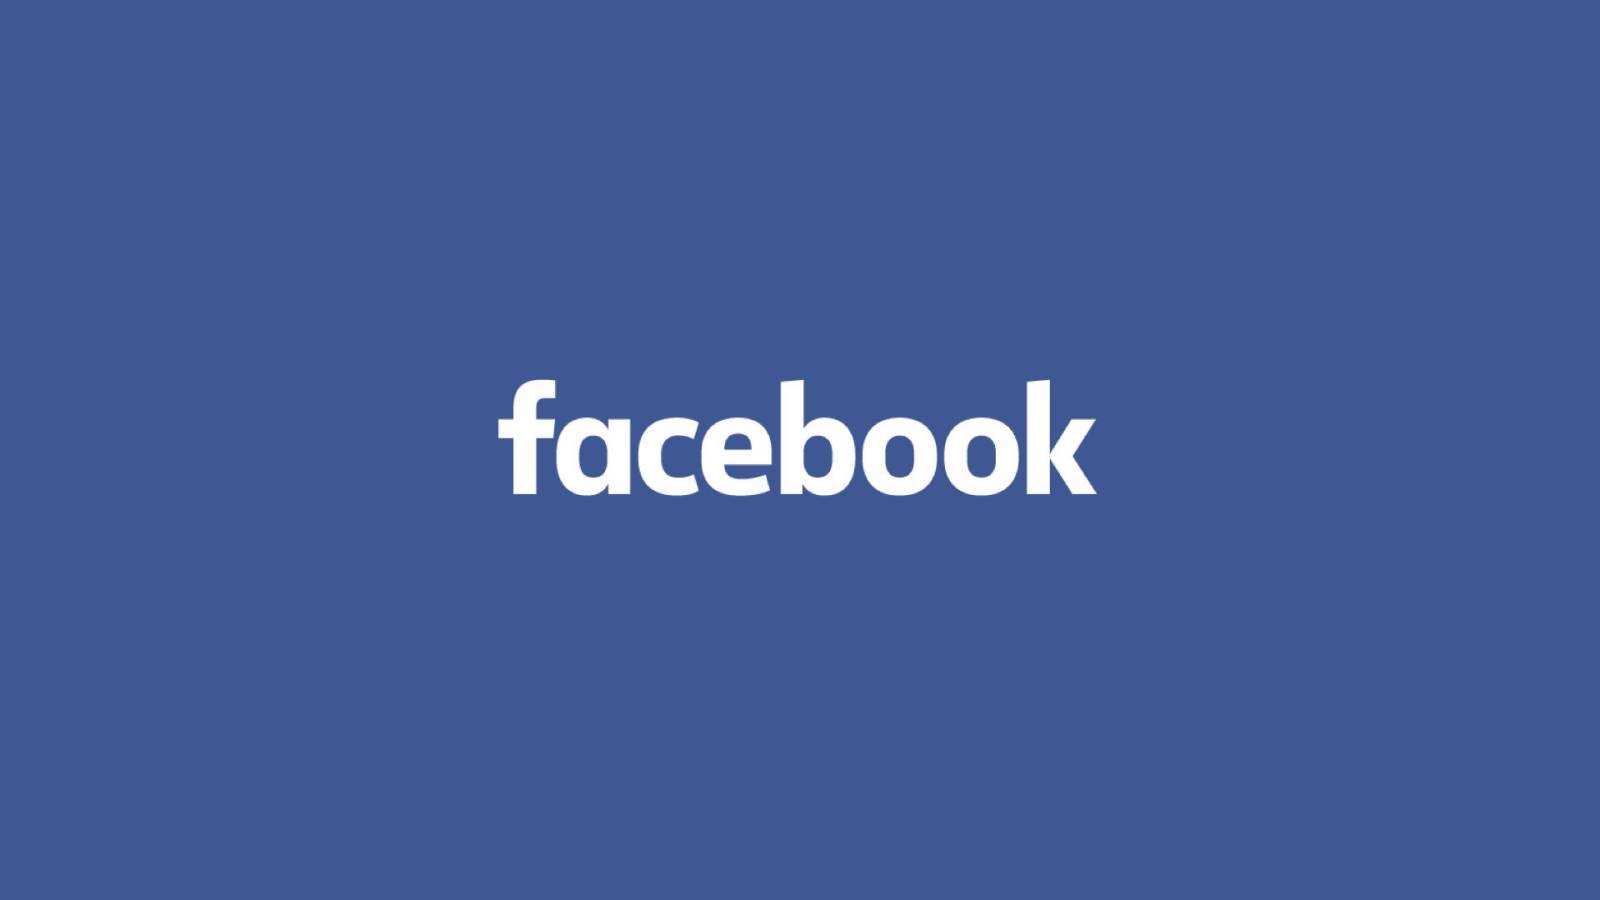 Facebook Actualizarea Lansata Aseara Telefoane Tablete